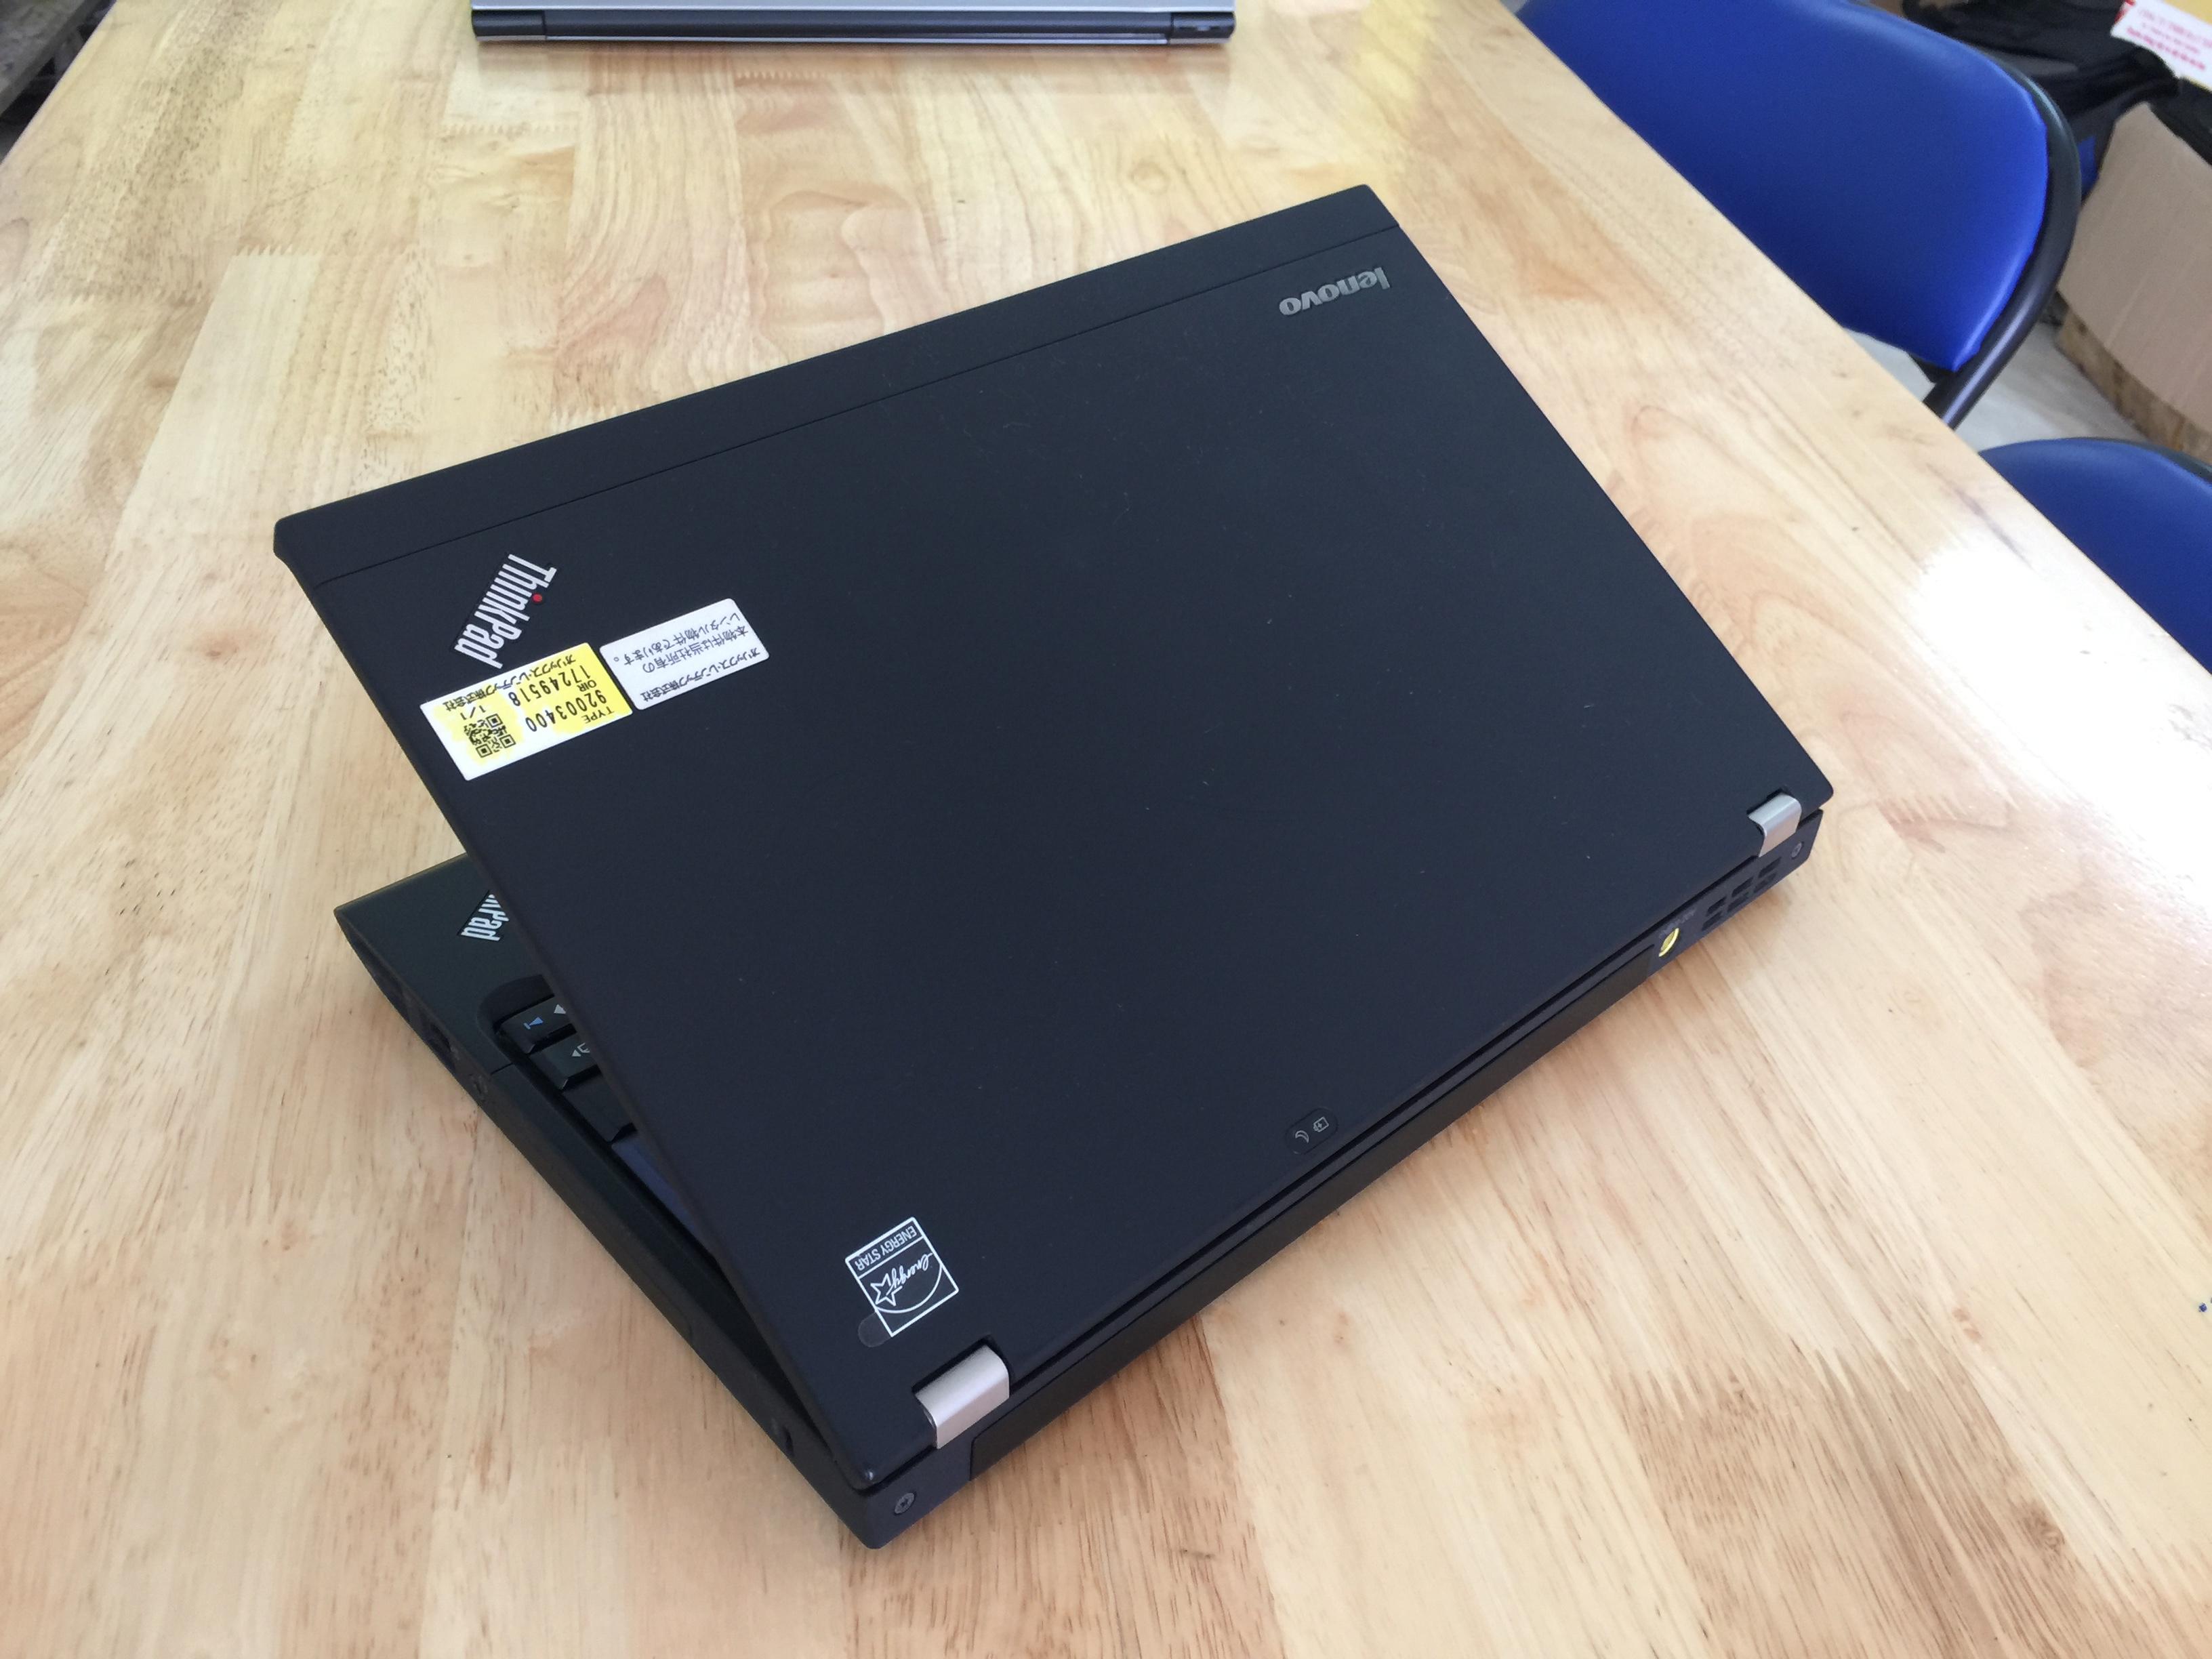 Lenovo ThinkPad X220 12.5 - Core i5 2.5GHz, 4GB RAM, 250GB HDD